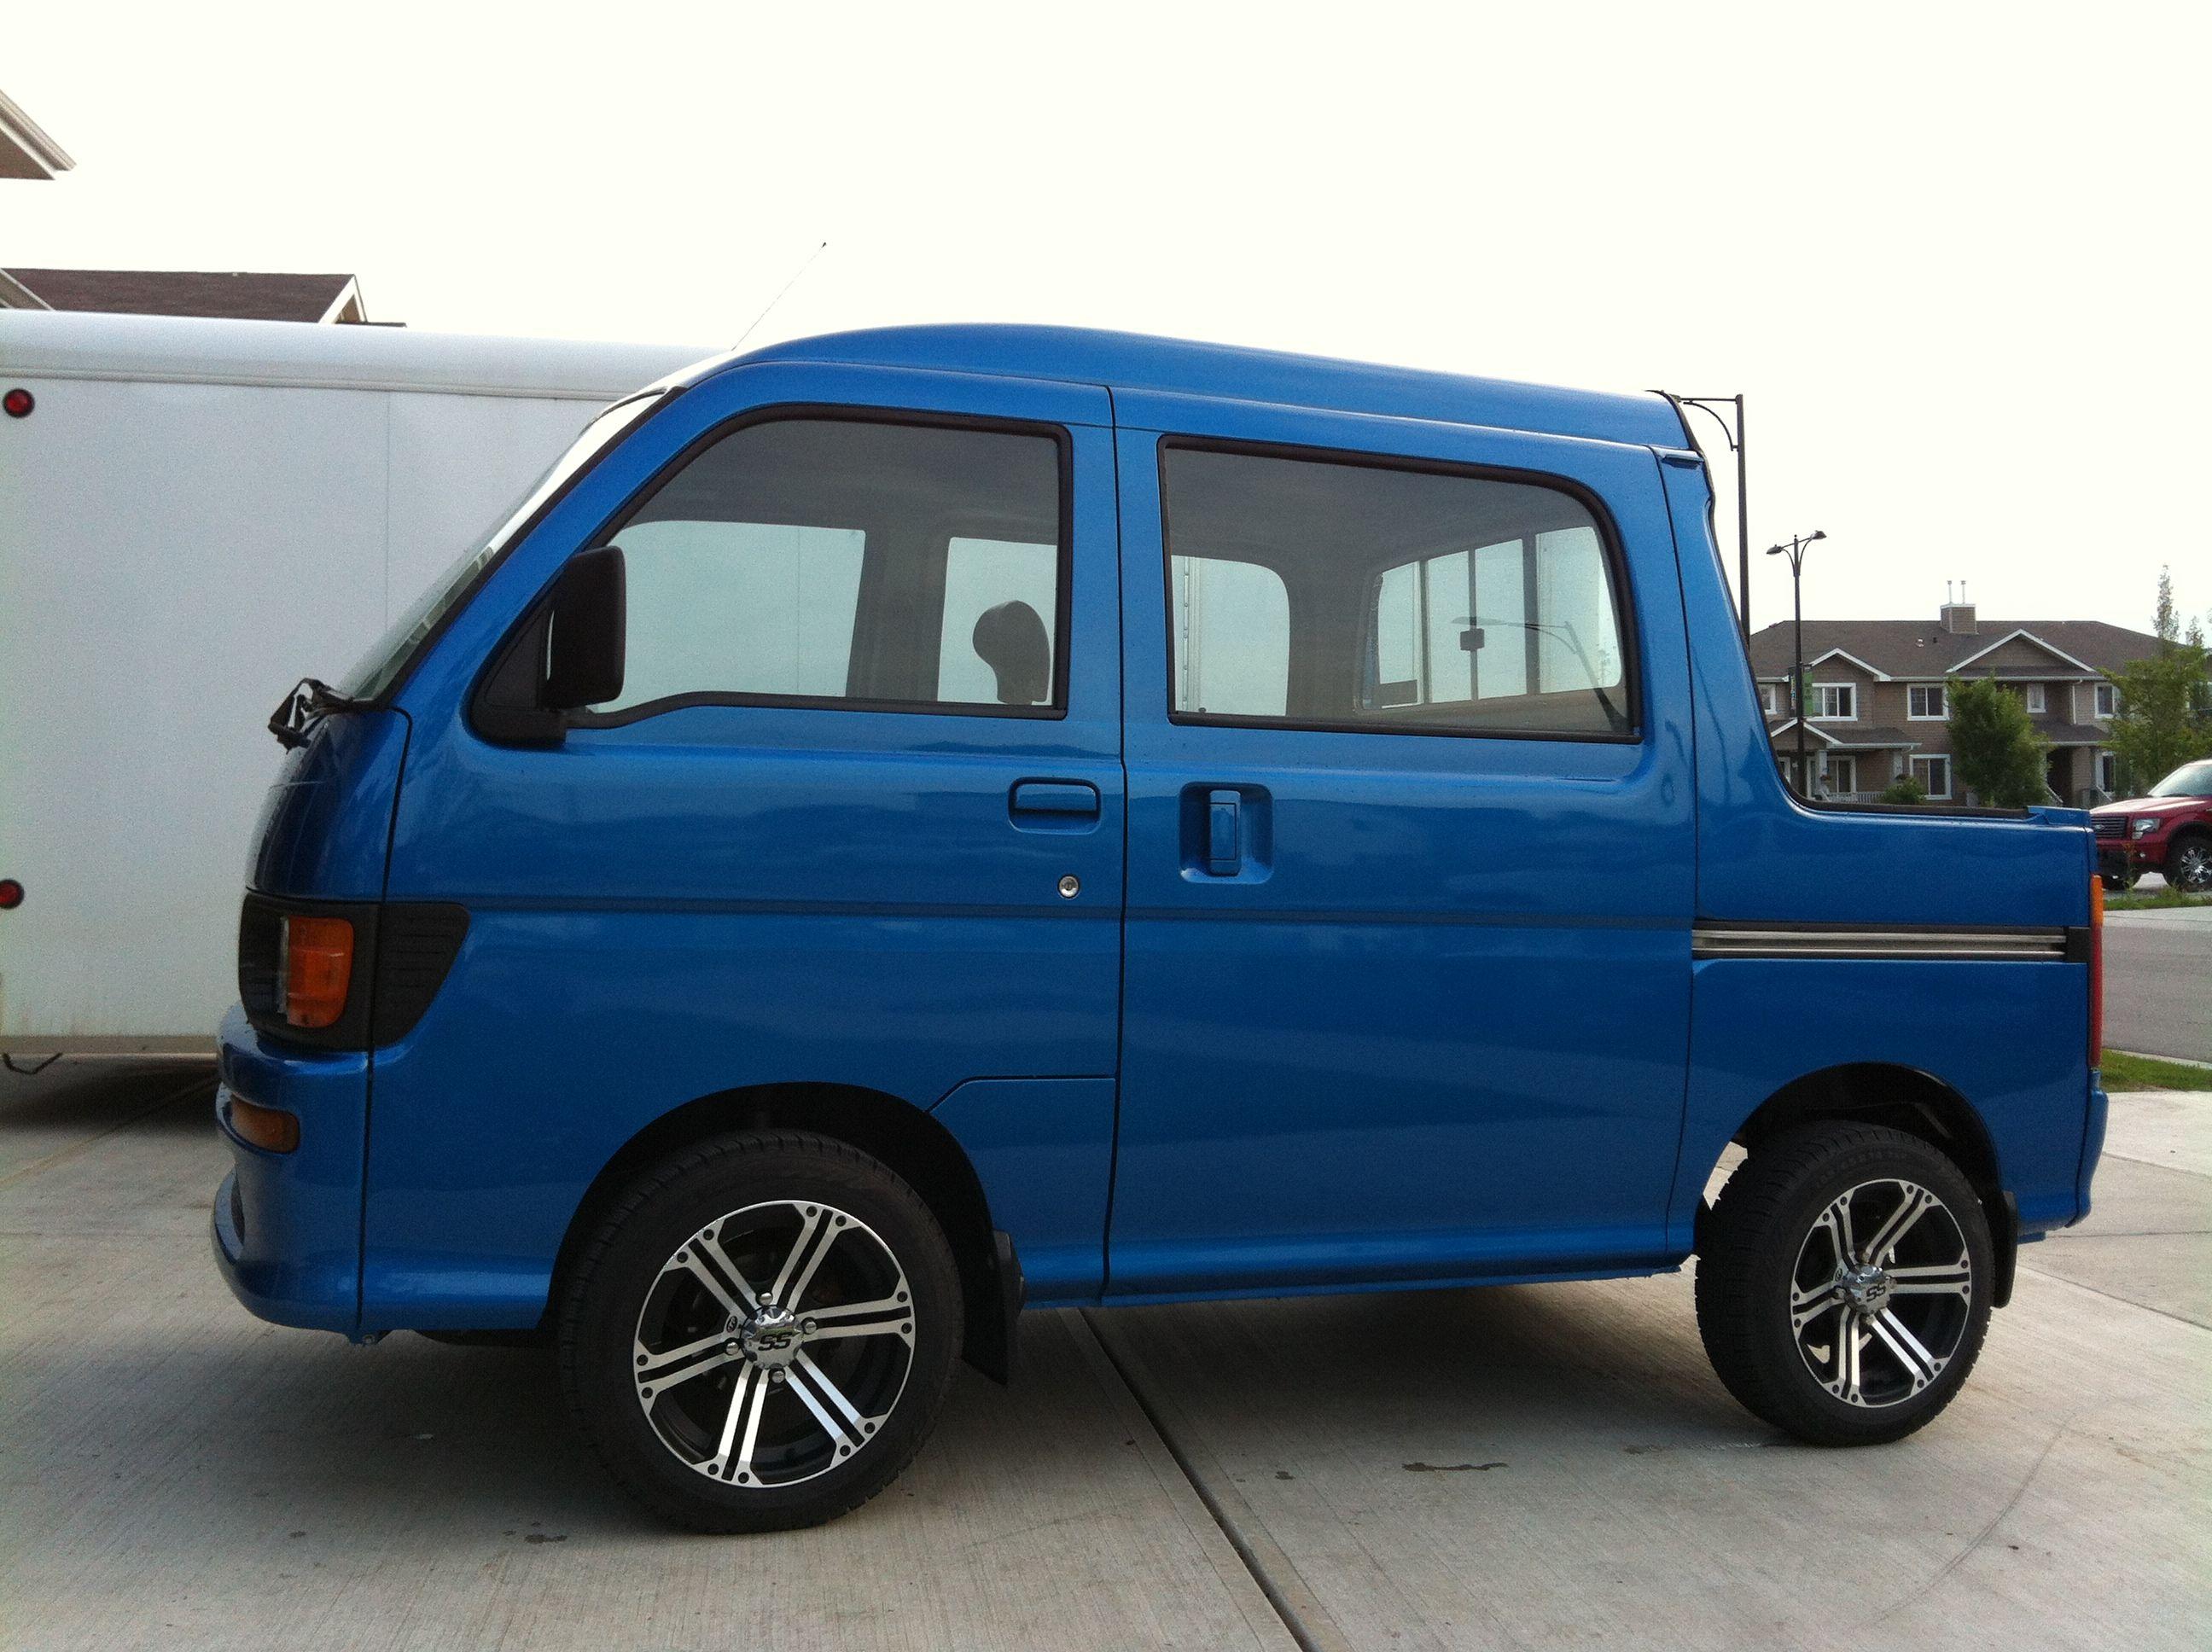 Daihatsu Deck Van Img 1008 Jpg Img 1008 Jpg 11806 Daihatsu Mini Trucks Suzuki Carry